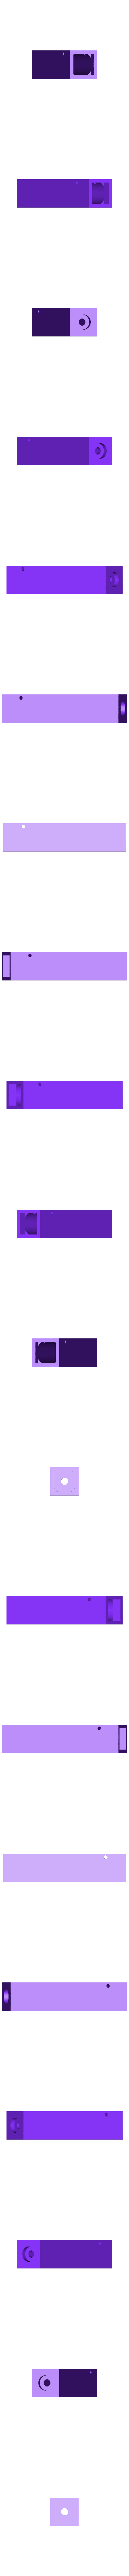 Base_Front_Third.stl Télécharger fichier STL gratuit Santa Whirligig • Objet pour imprimante 3D, Sparky6548